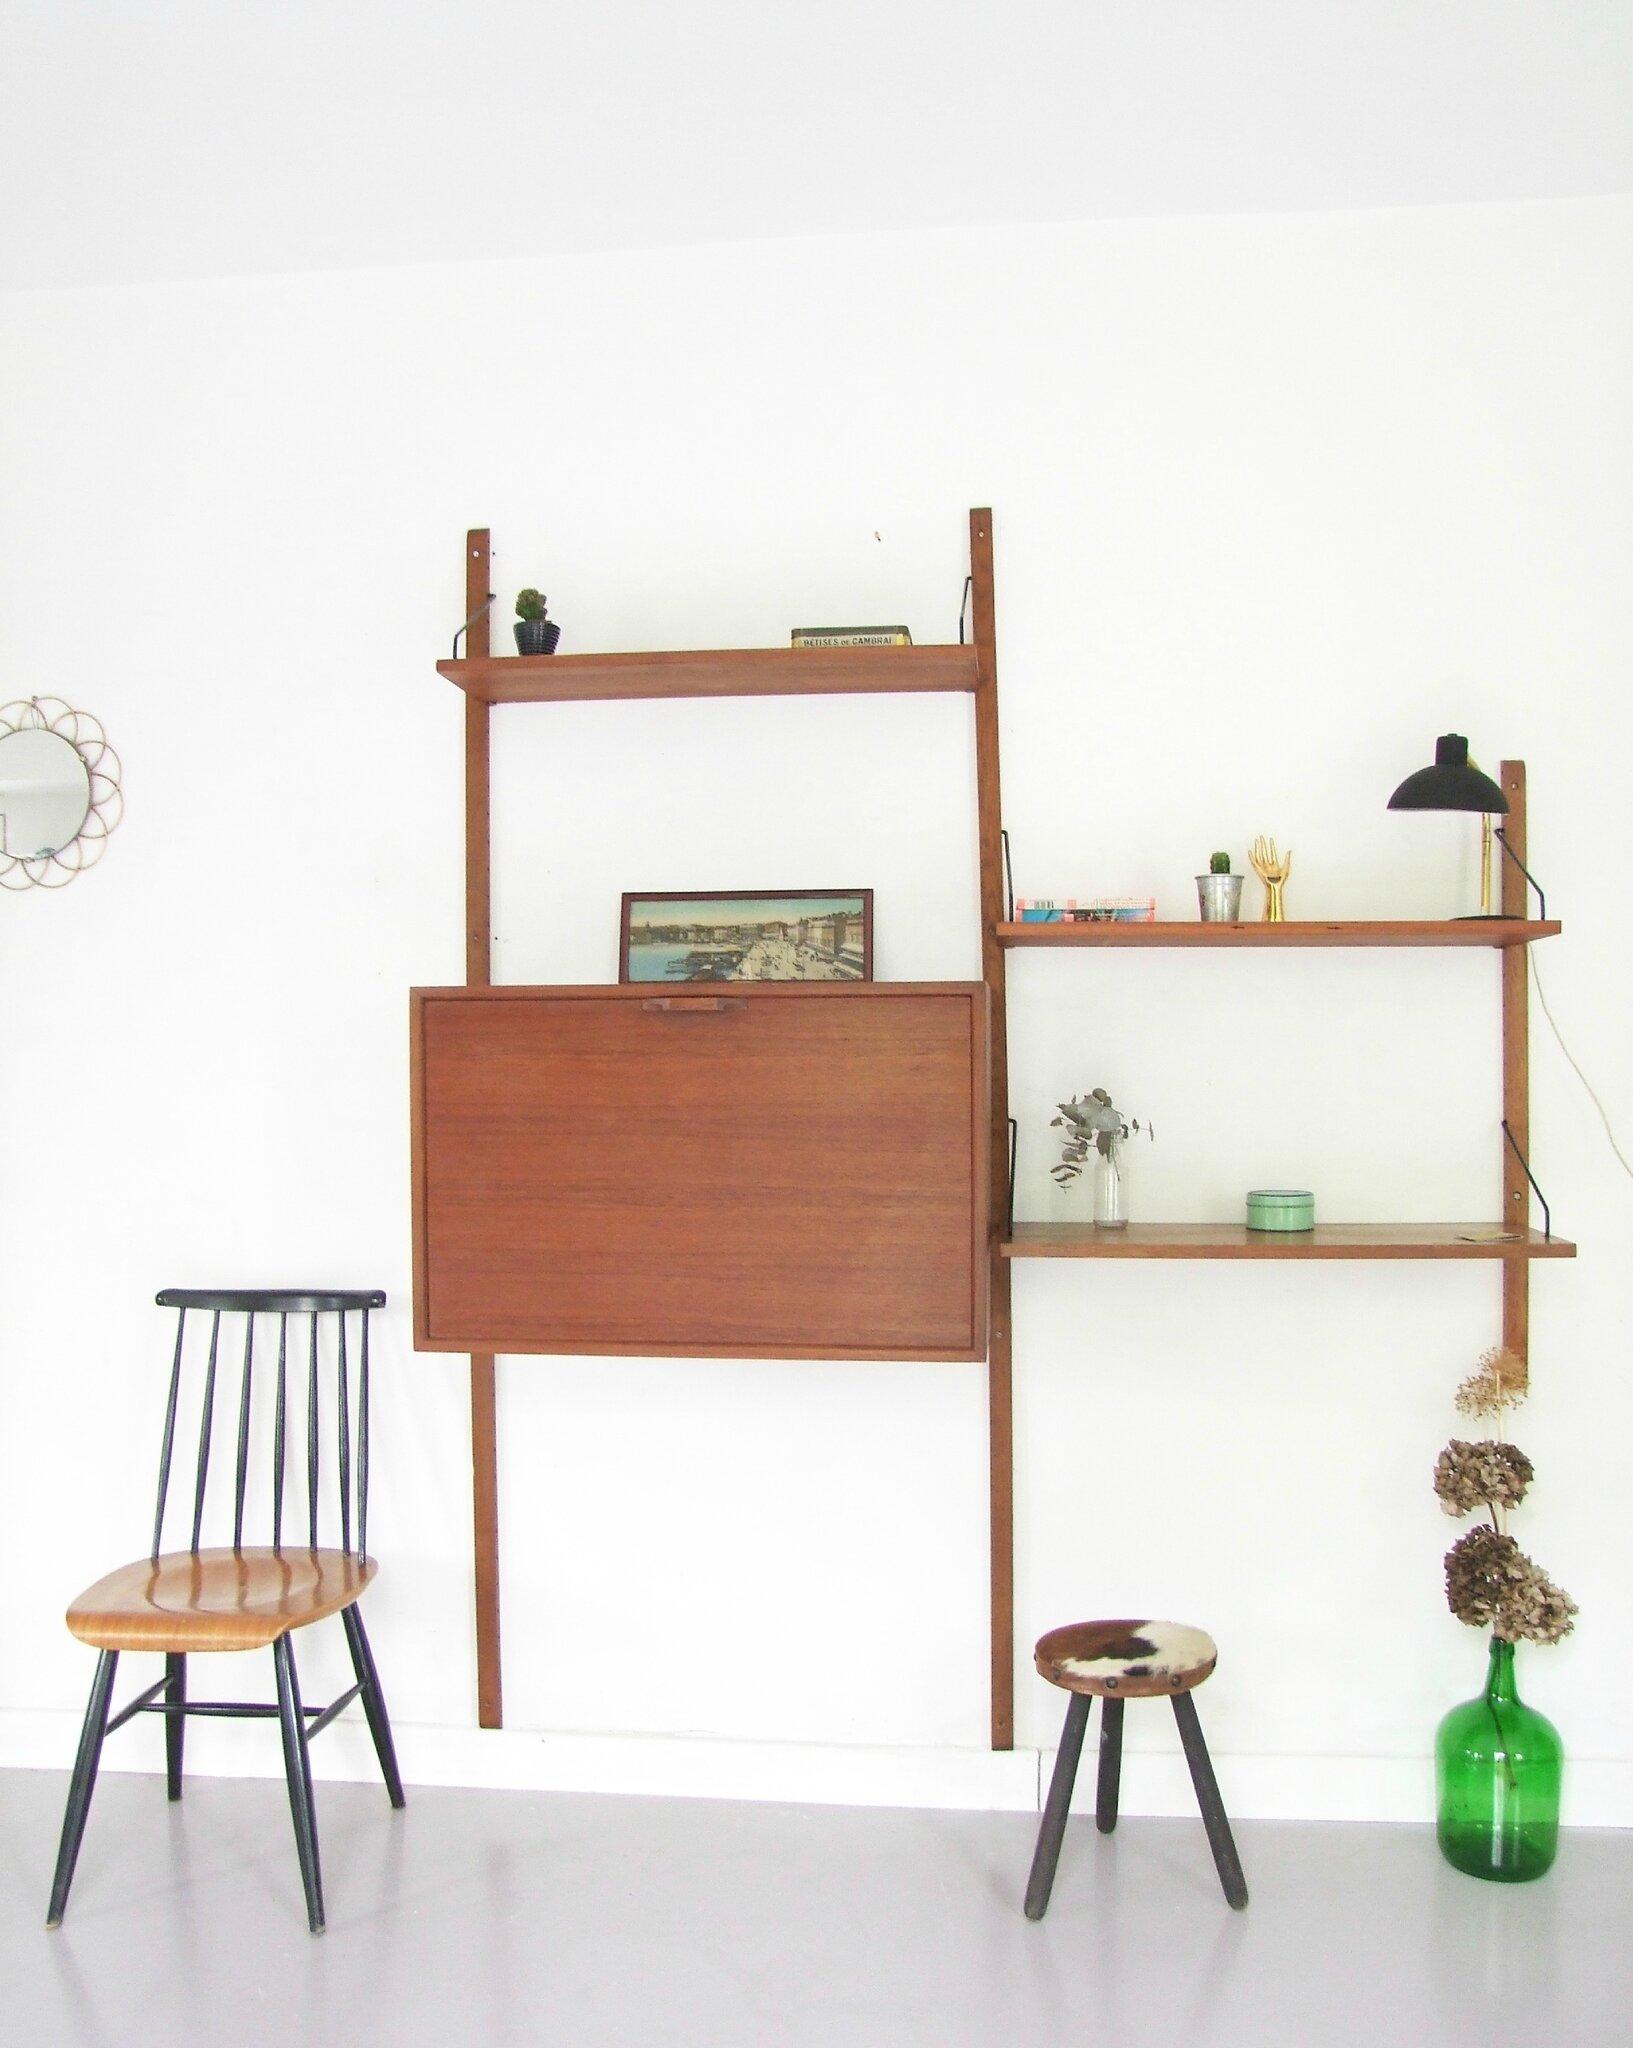 meuble vintage tous les messages sur meuble vintage page 18 meubles vintage pataluna. Black Bedroom Furniture Sets. Home Design Ideas